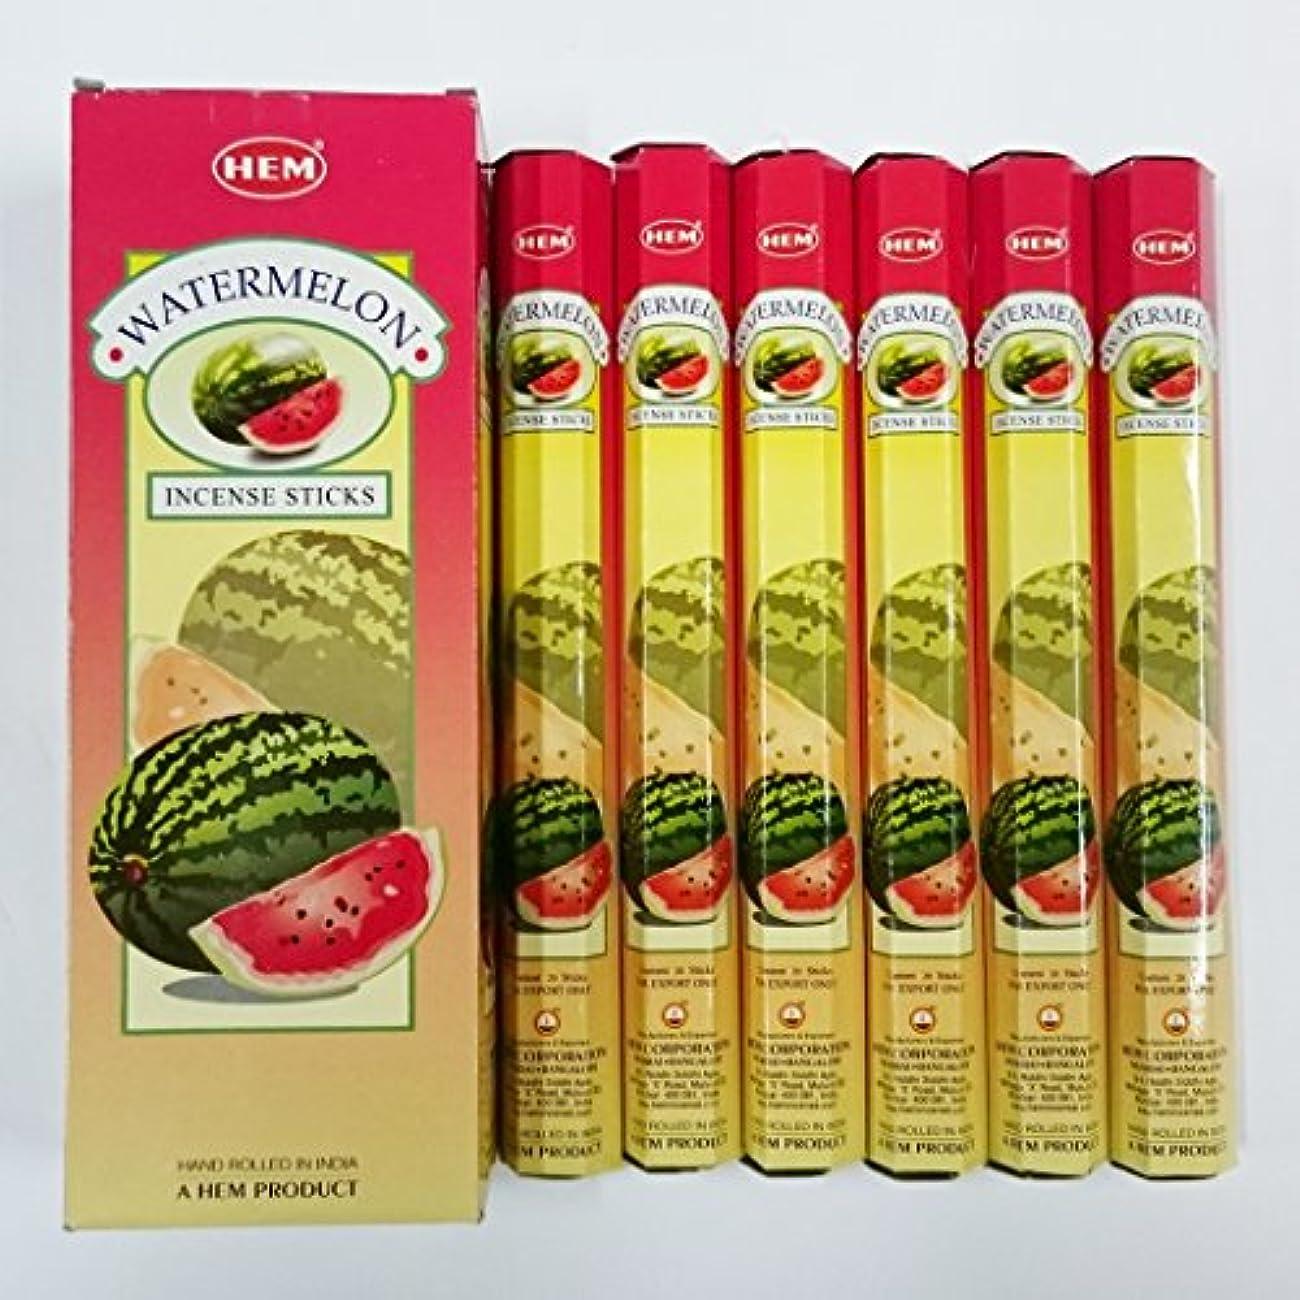 お母さん縁の量HEM (ヘム) インセンス スティック へキサパック ウォーターメロン(スイカ)香 6角(20本入)×6箱 [並行輸入品]Water melon